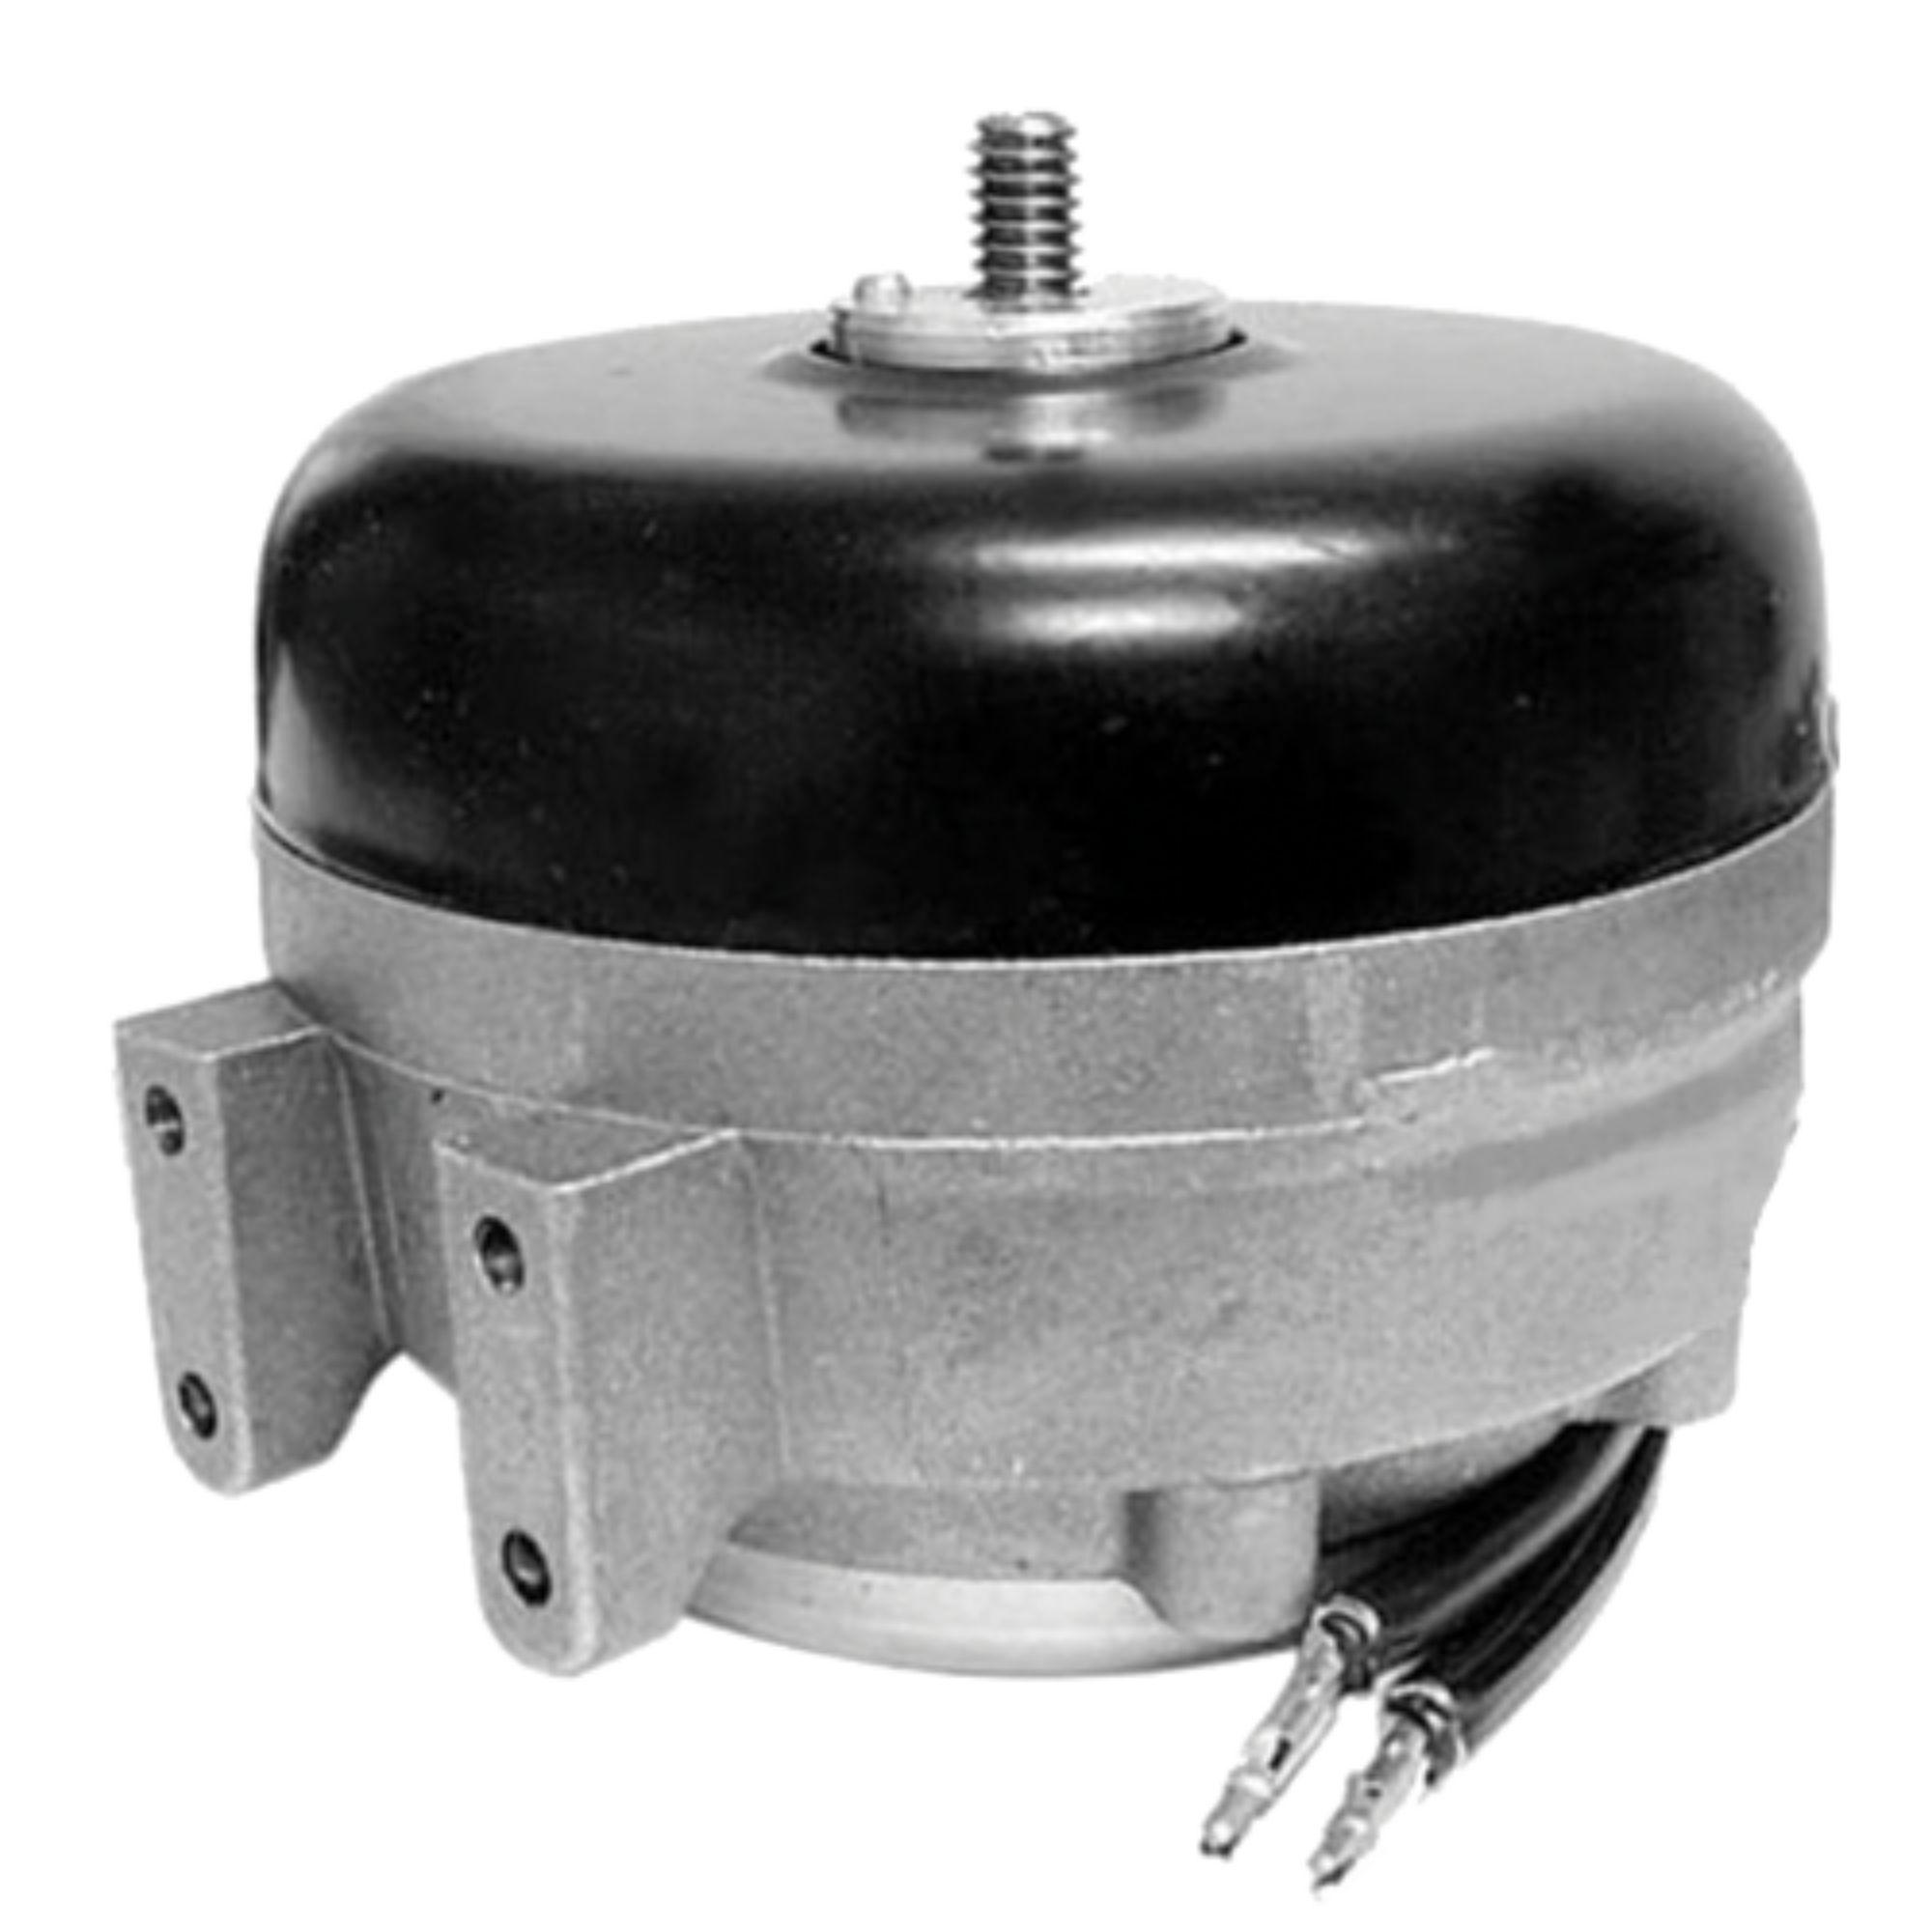 Refrigerator condenser fan motor for sub zero 4200740 for Refrigerator condenser fan motor